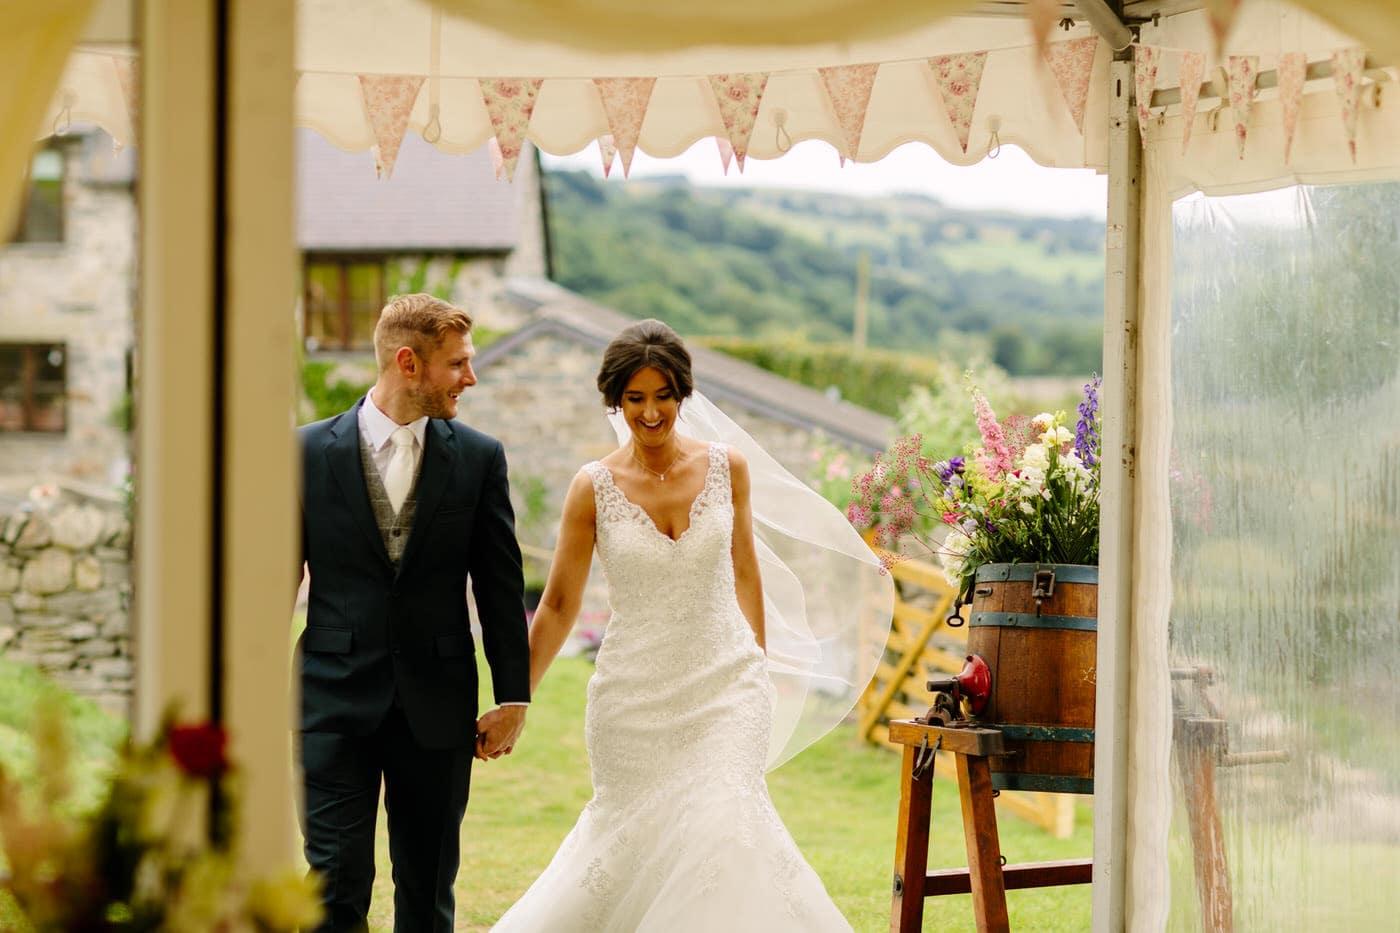 SG NORTH WALES WEDDING 992